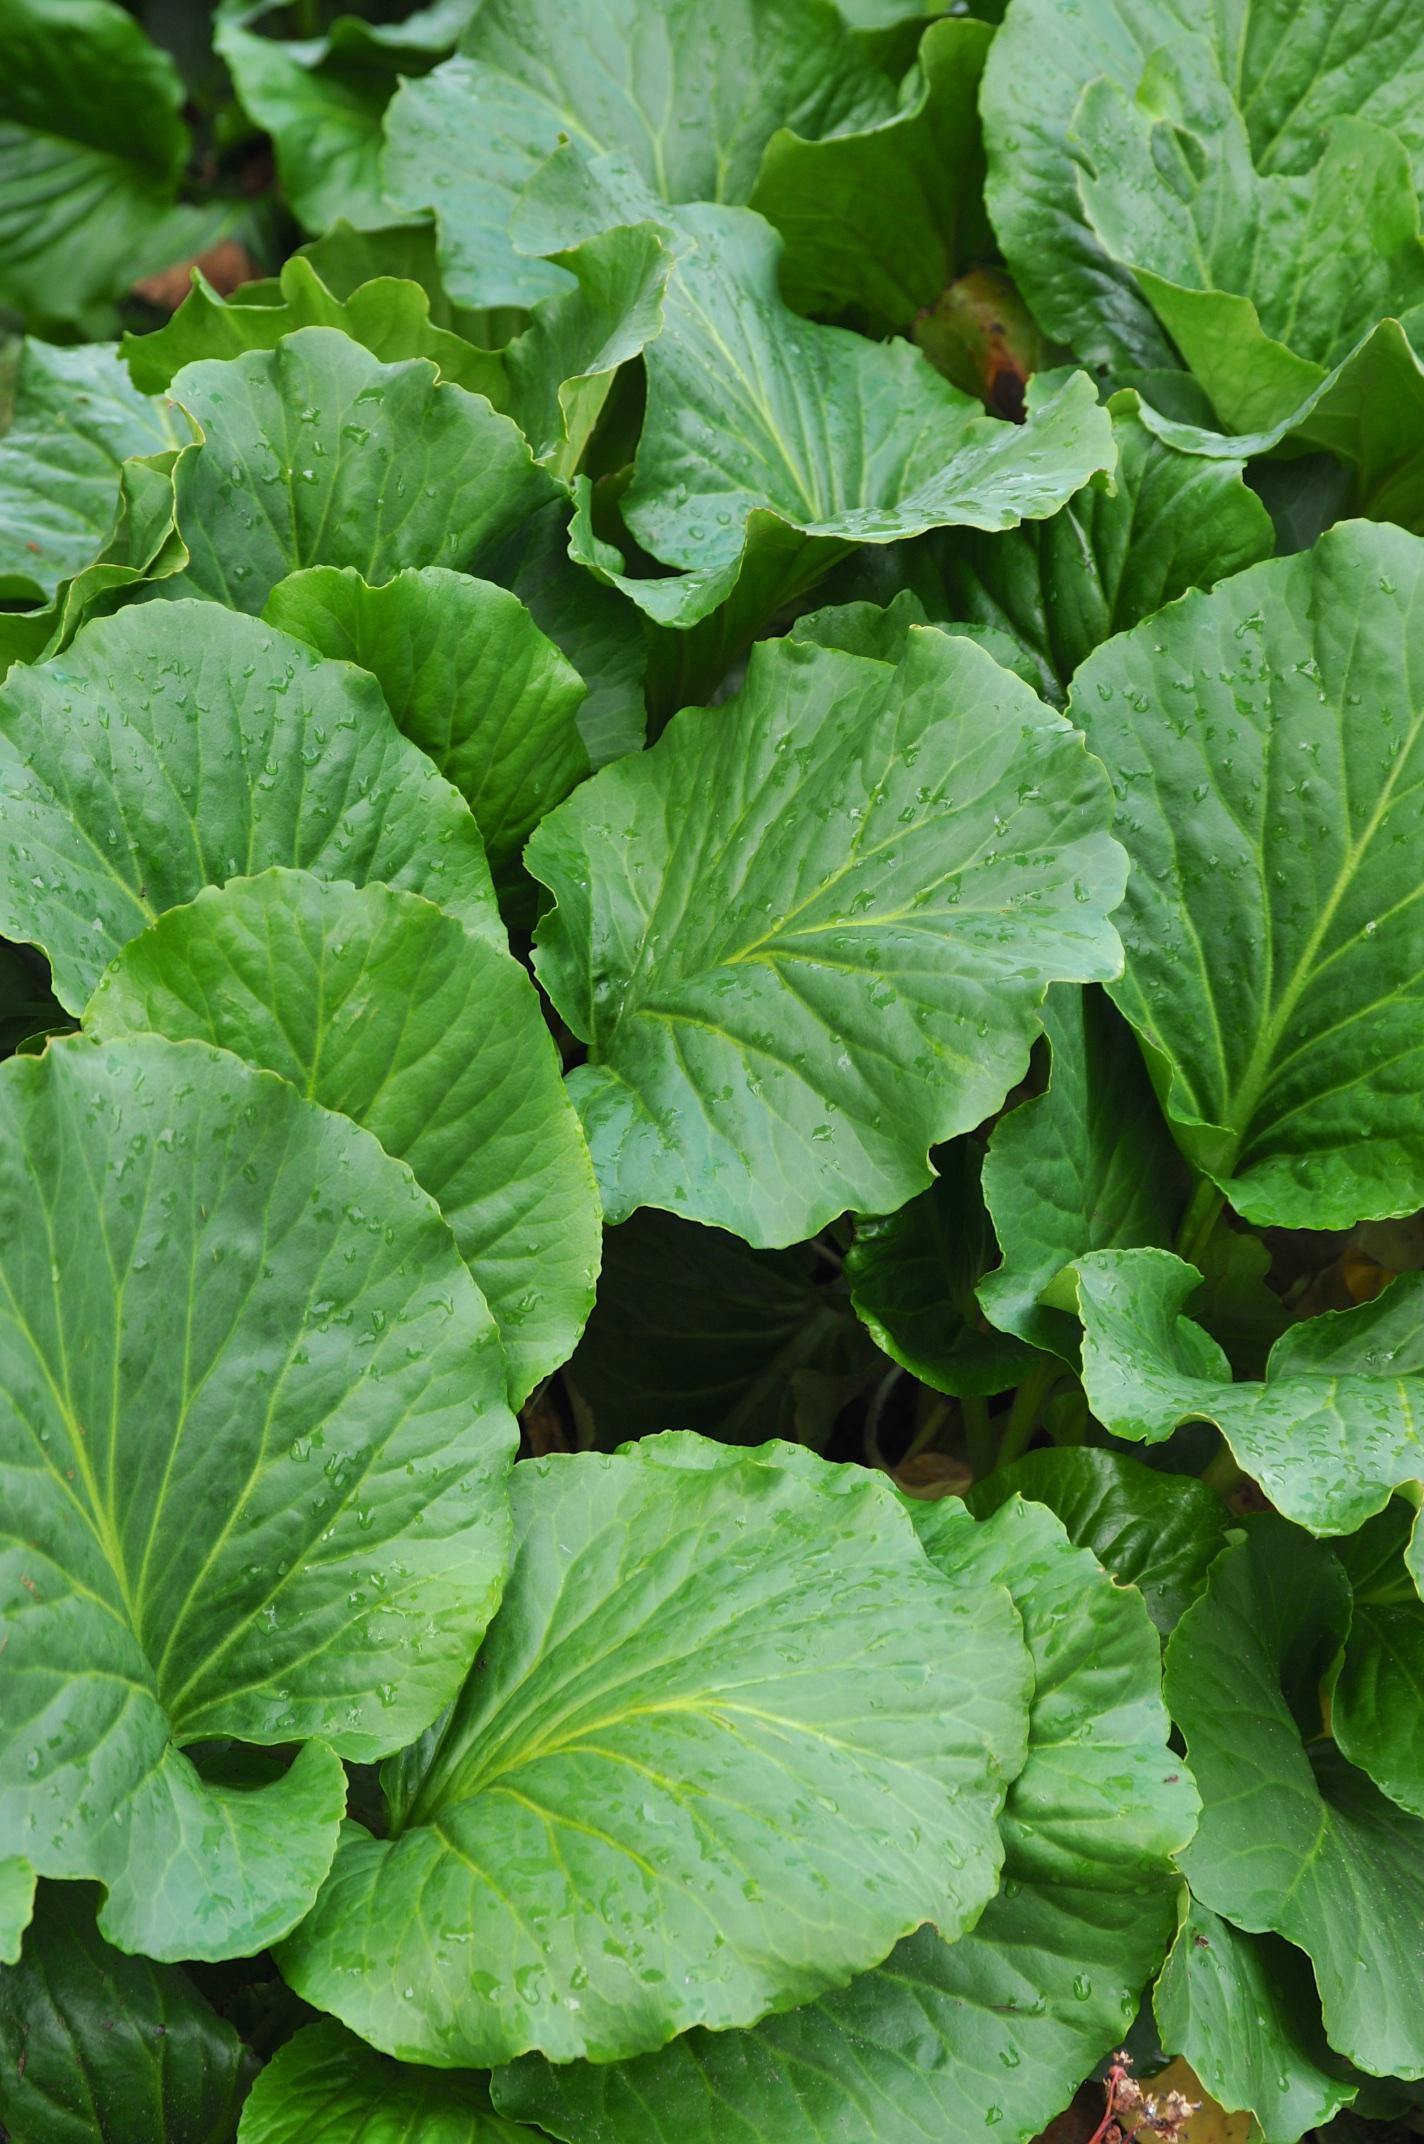 Suuret lehdet tuovat puutarhaan vehreyttä ja tekstuuria